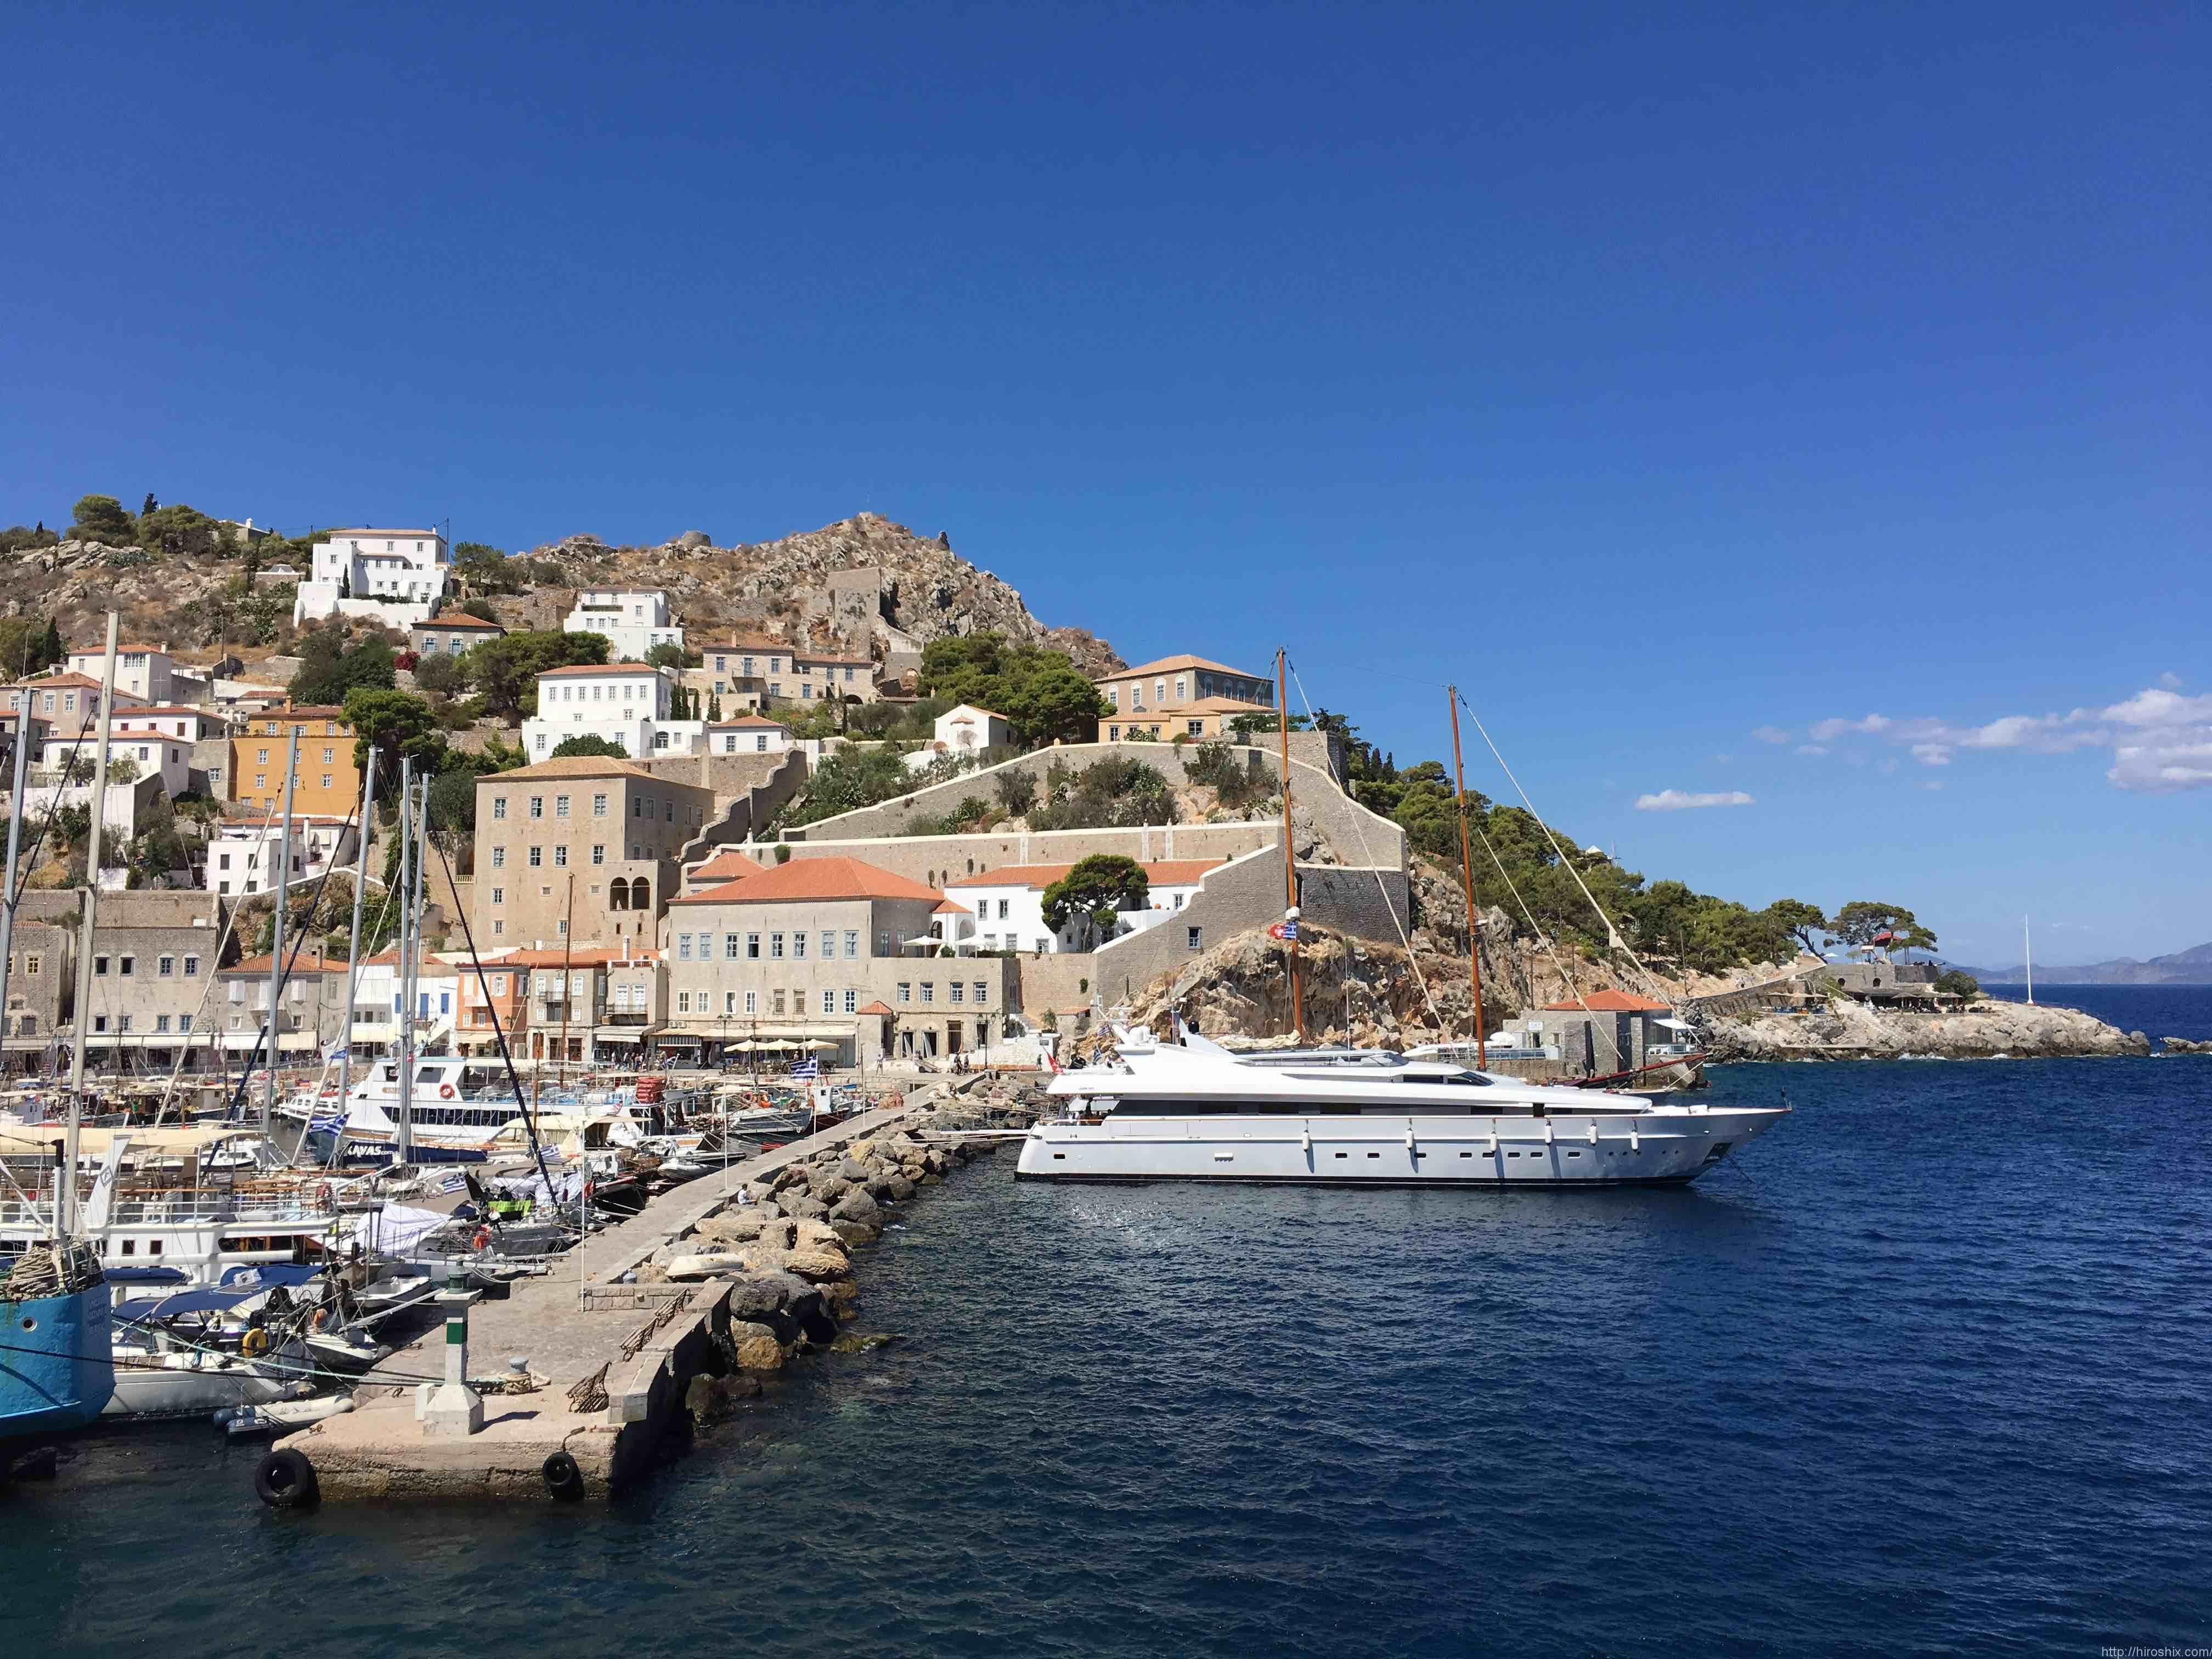 エーゲ海1日ミニクルーズ〜イドラ島・ポロス島・エギナ島巡り【ギリシャ旅行2016】